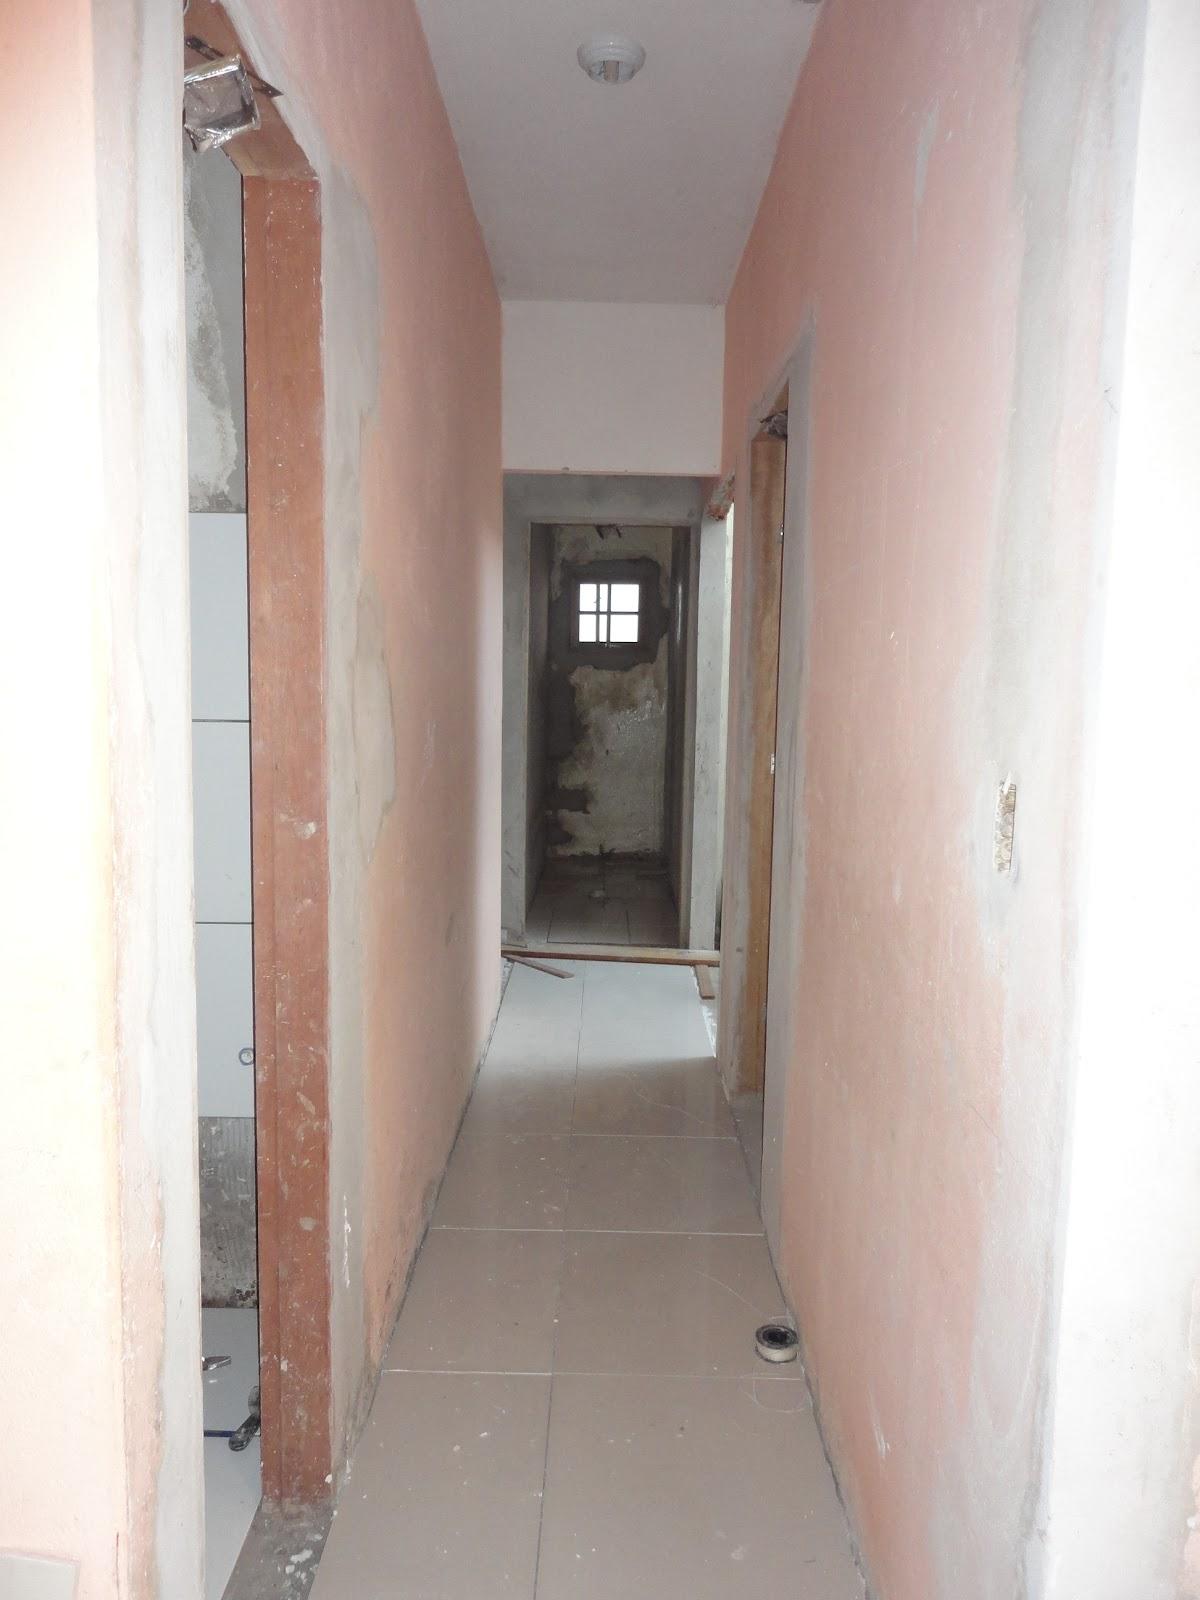 #7C5C4F  branca e cinza e abaixo da janela vou fazer o nicho com o fundo na 1200x1600 px janela banheiro branca